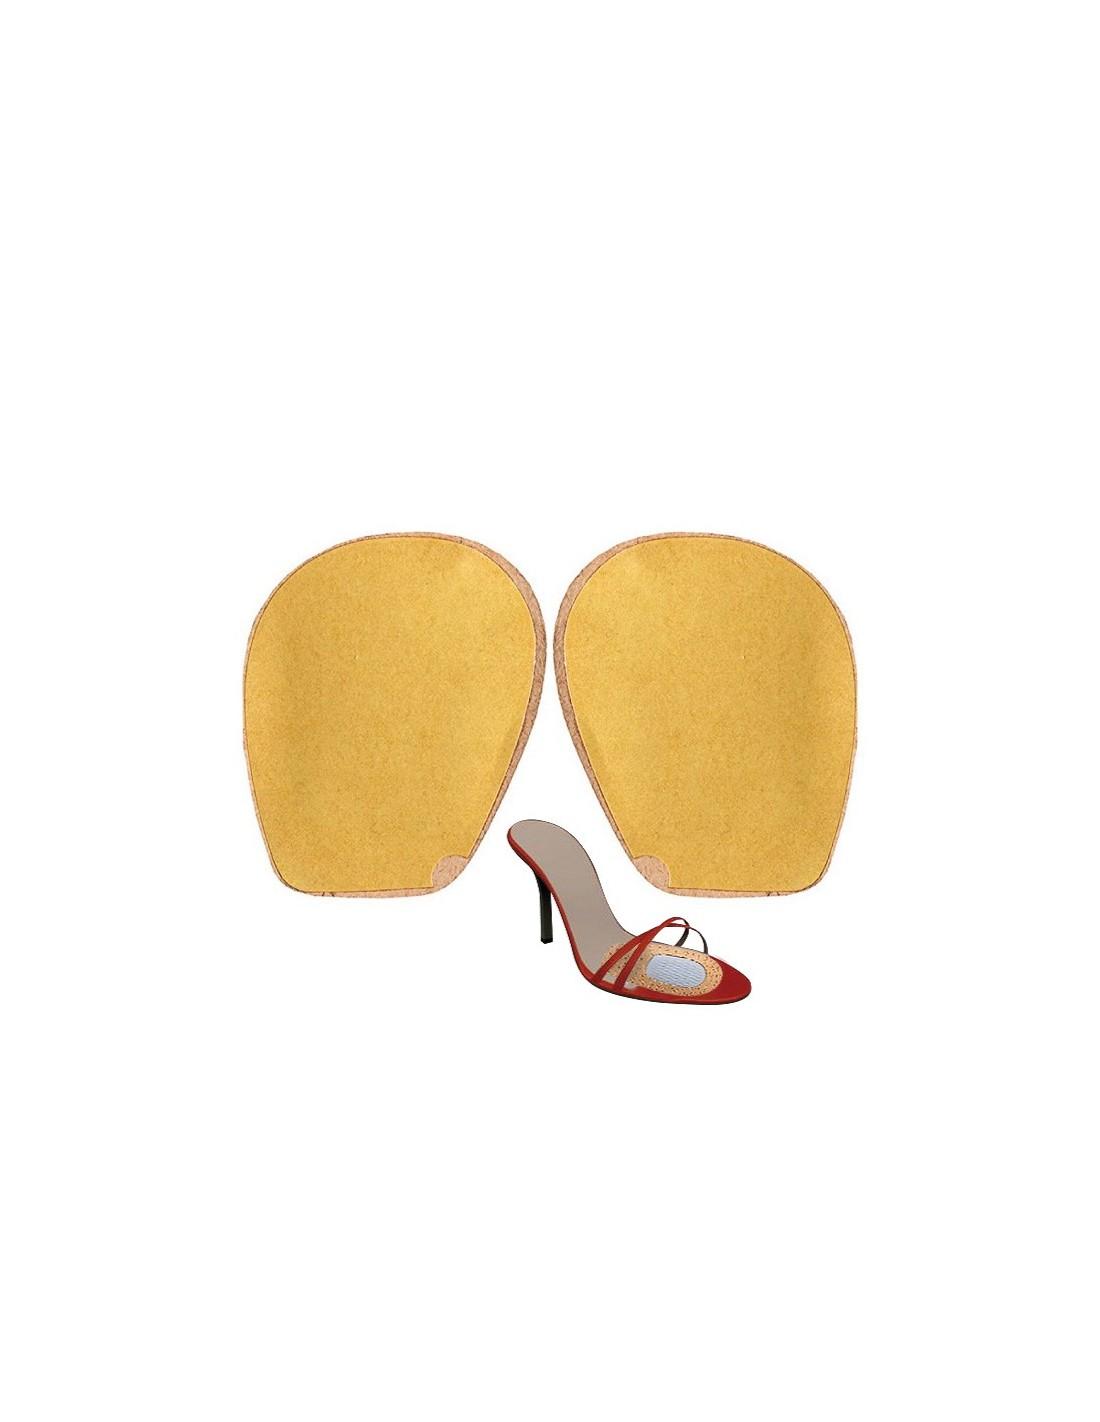 new style 5d358 93bfa Mezza soletta scarpe per piedi gonfi